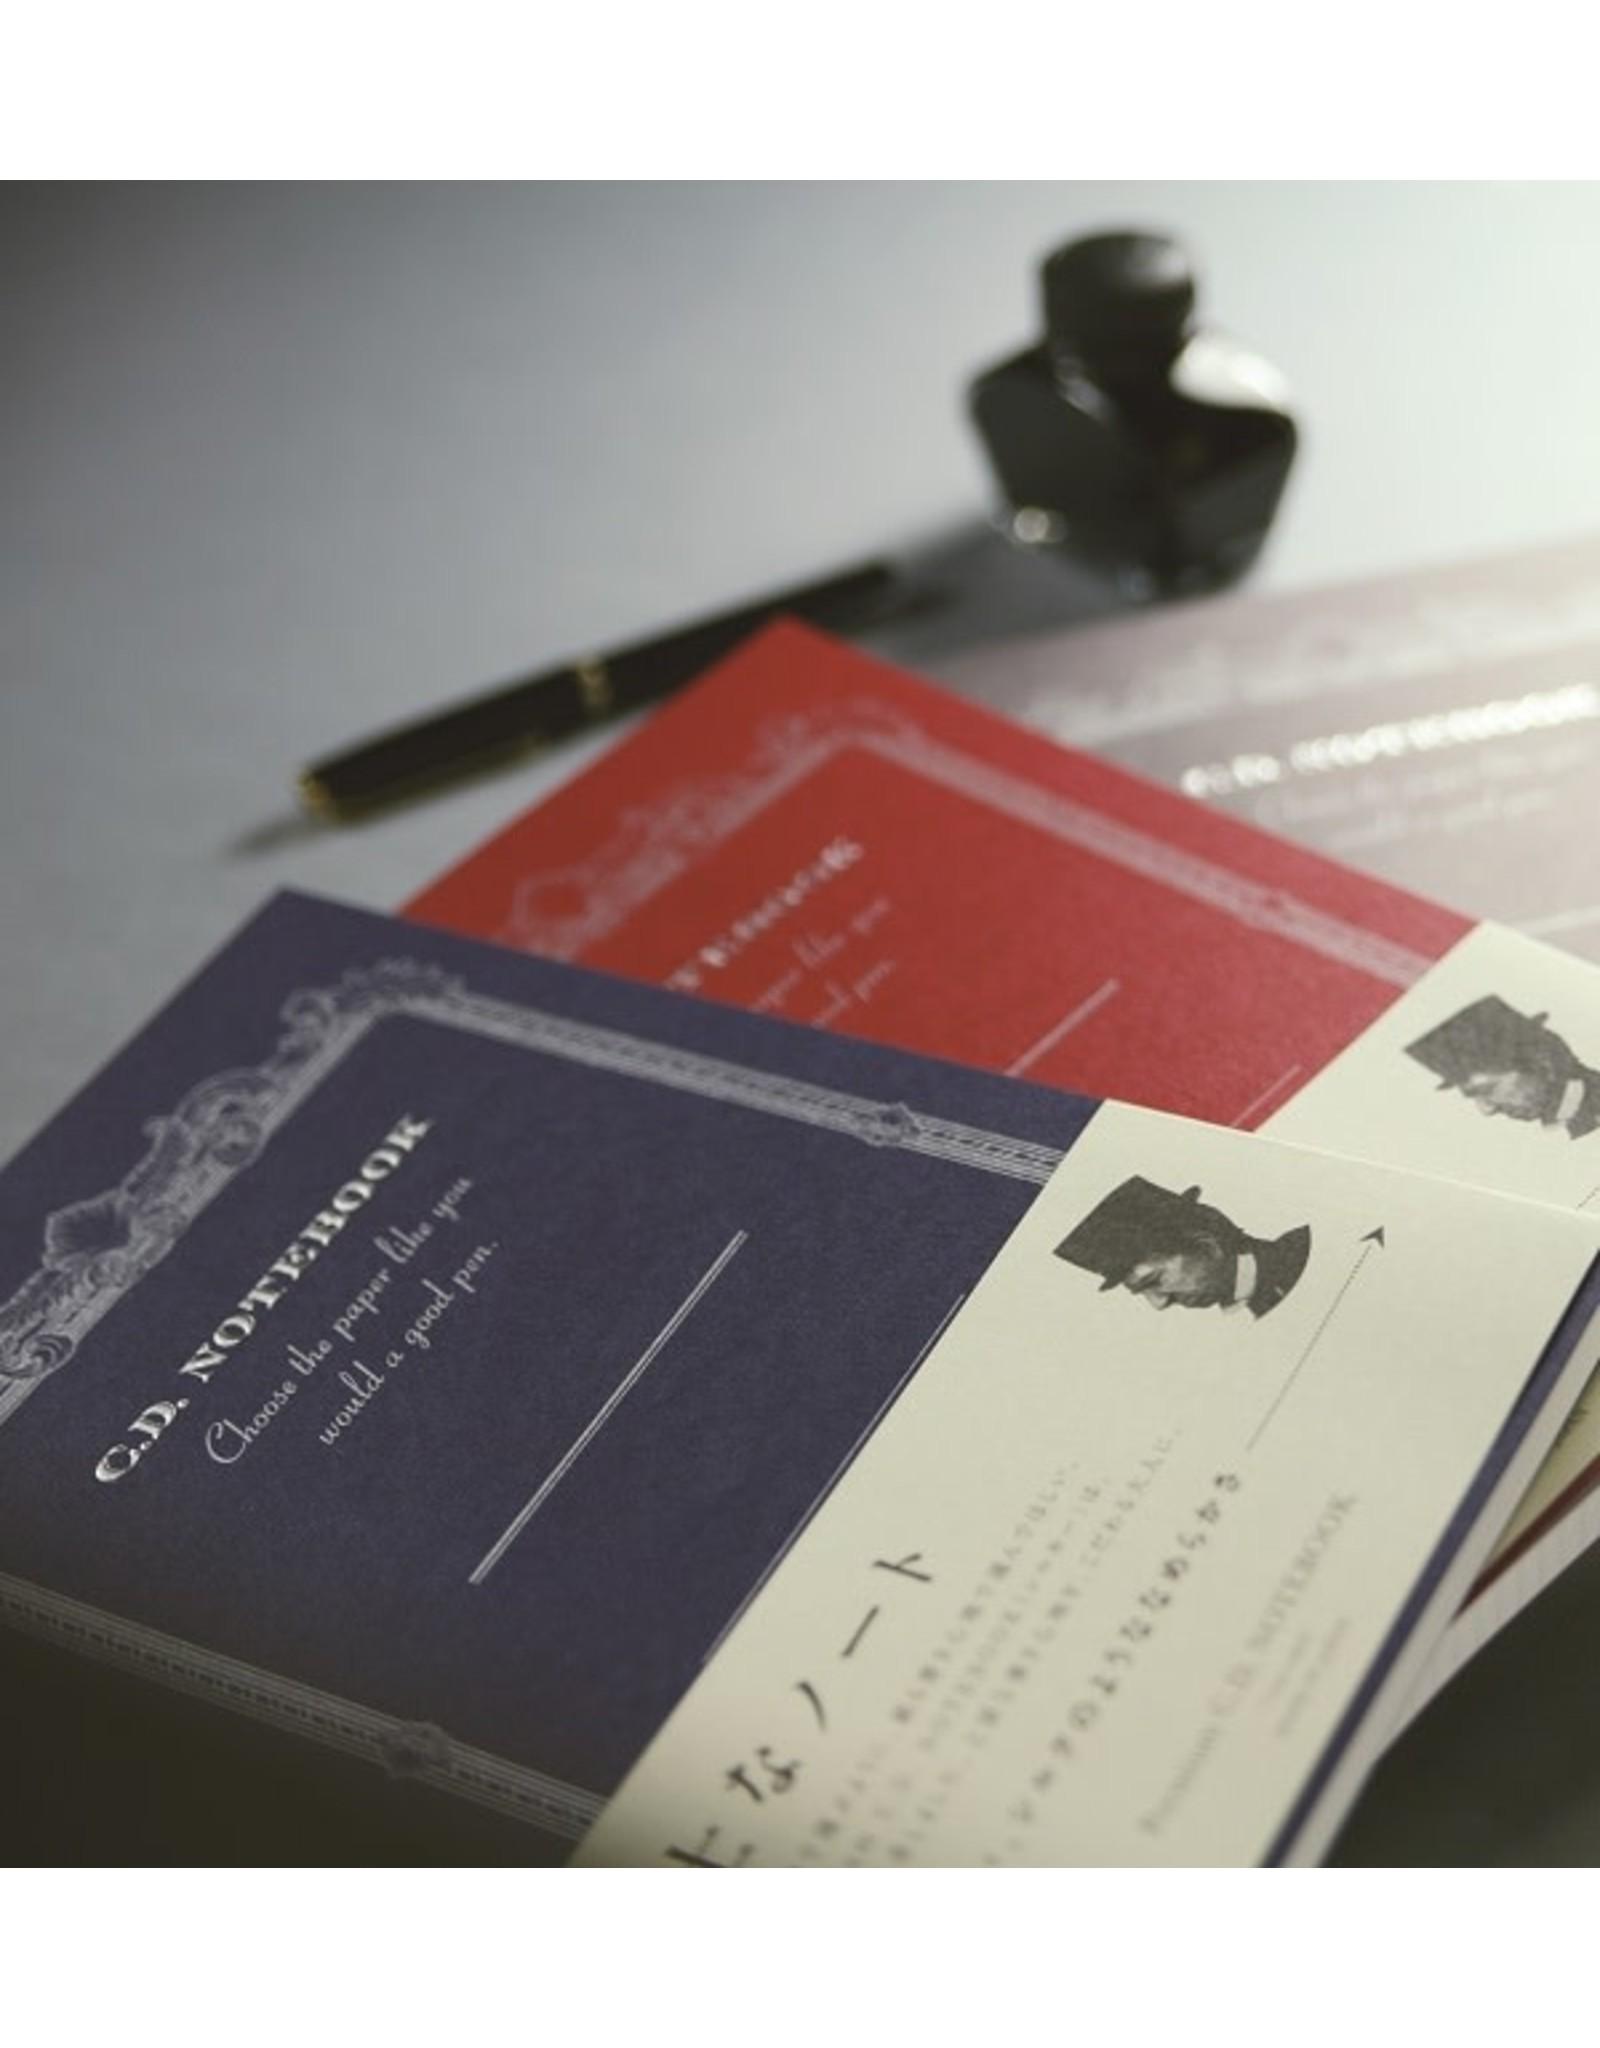 APICA Co., Ltd. PREMIUM CD NOTEBOOK A4 8MM 30 LINE 96PAGES BLUE